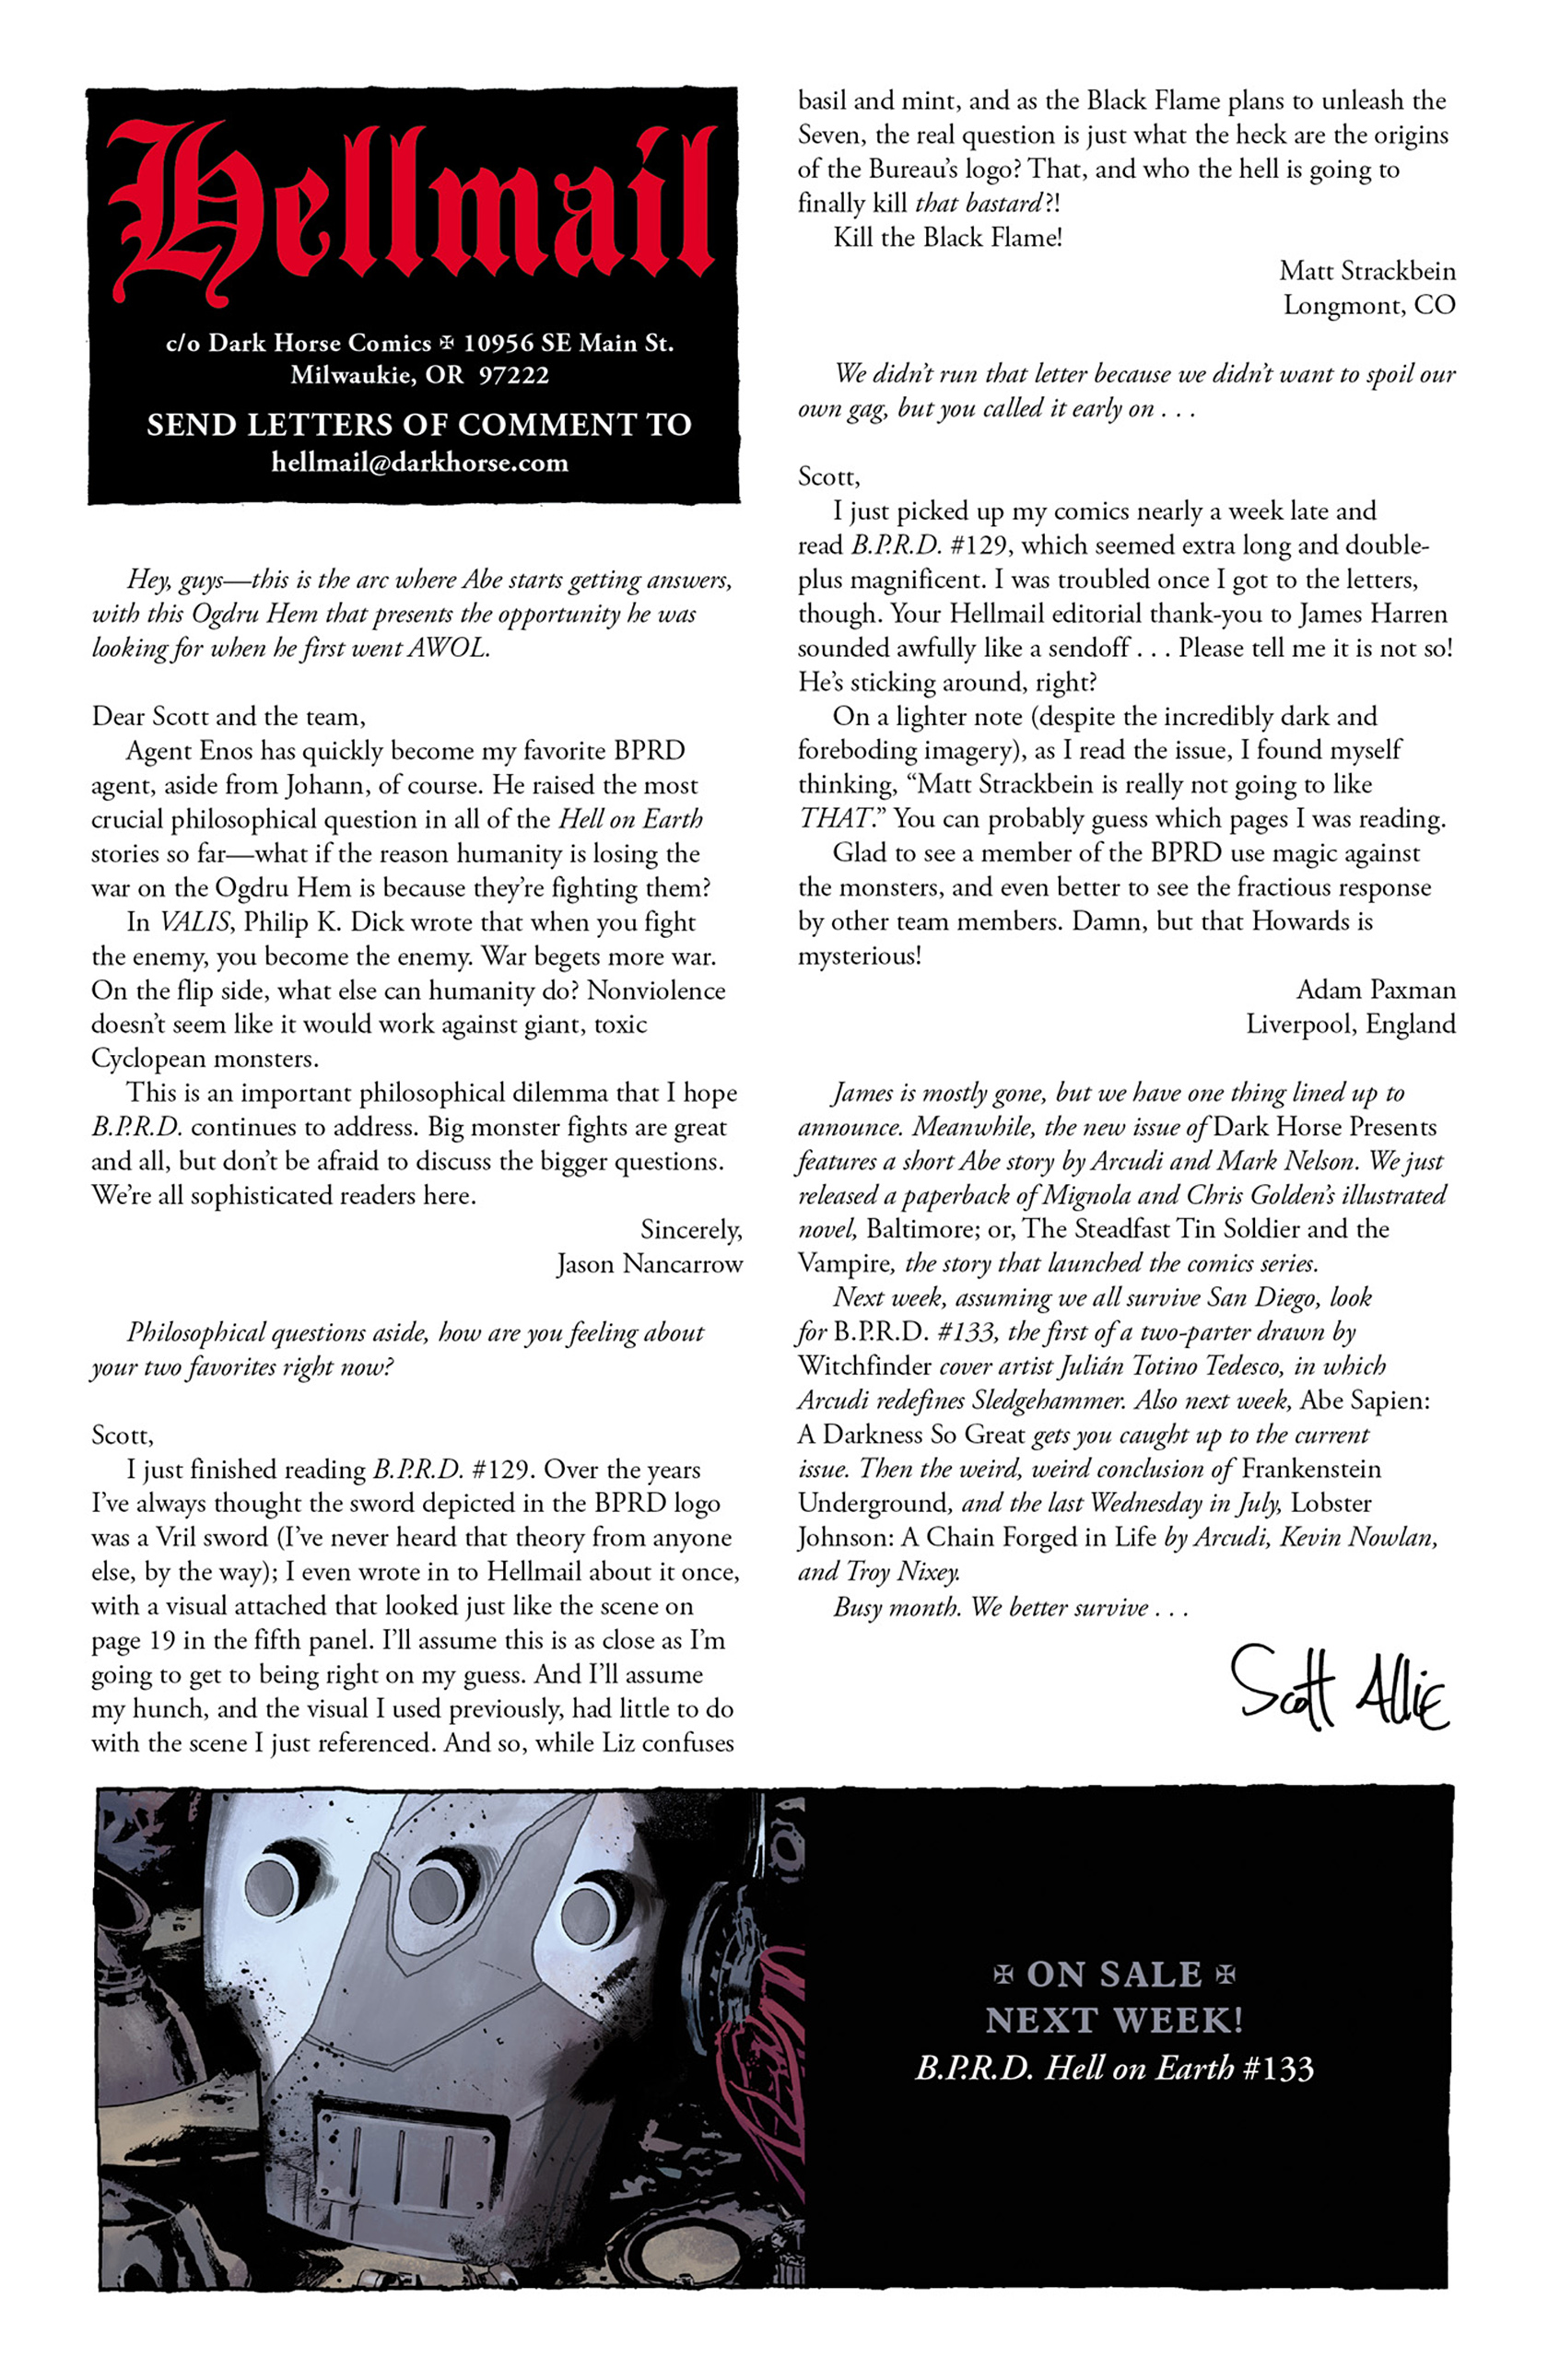 Read online Abe Sapien comic -  Issue #24 - 24